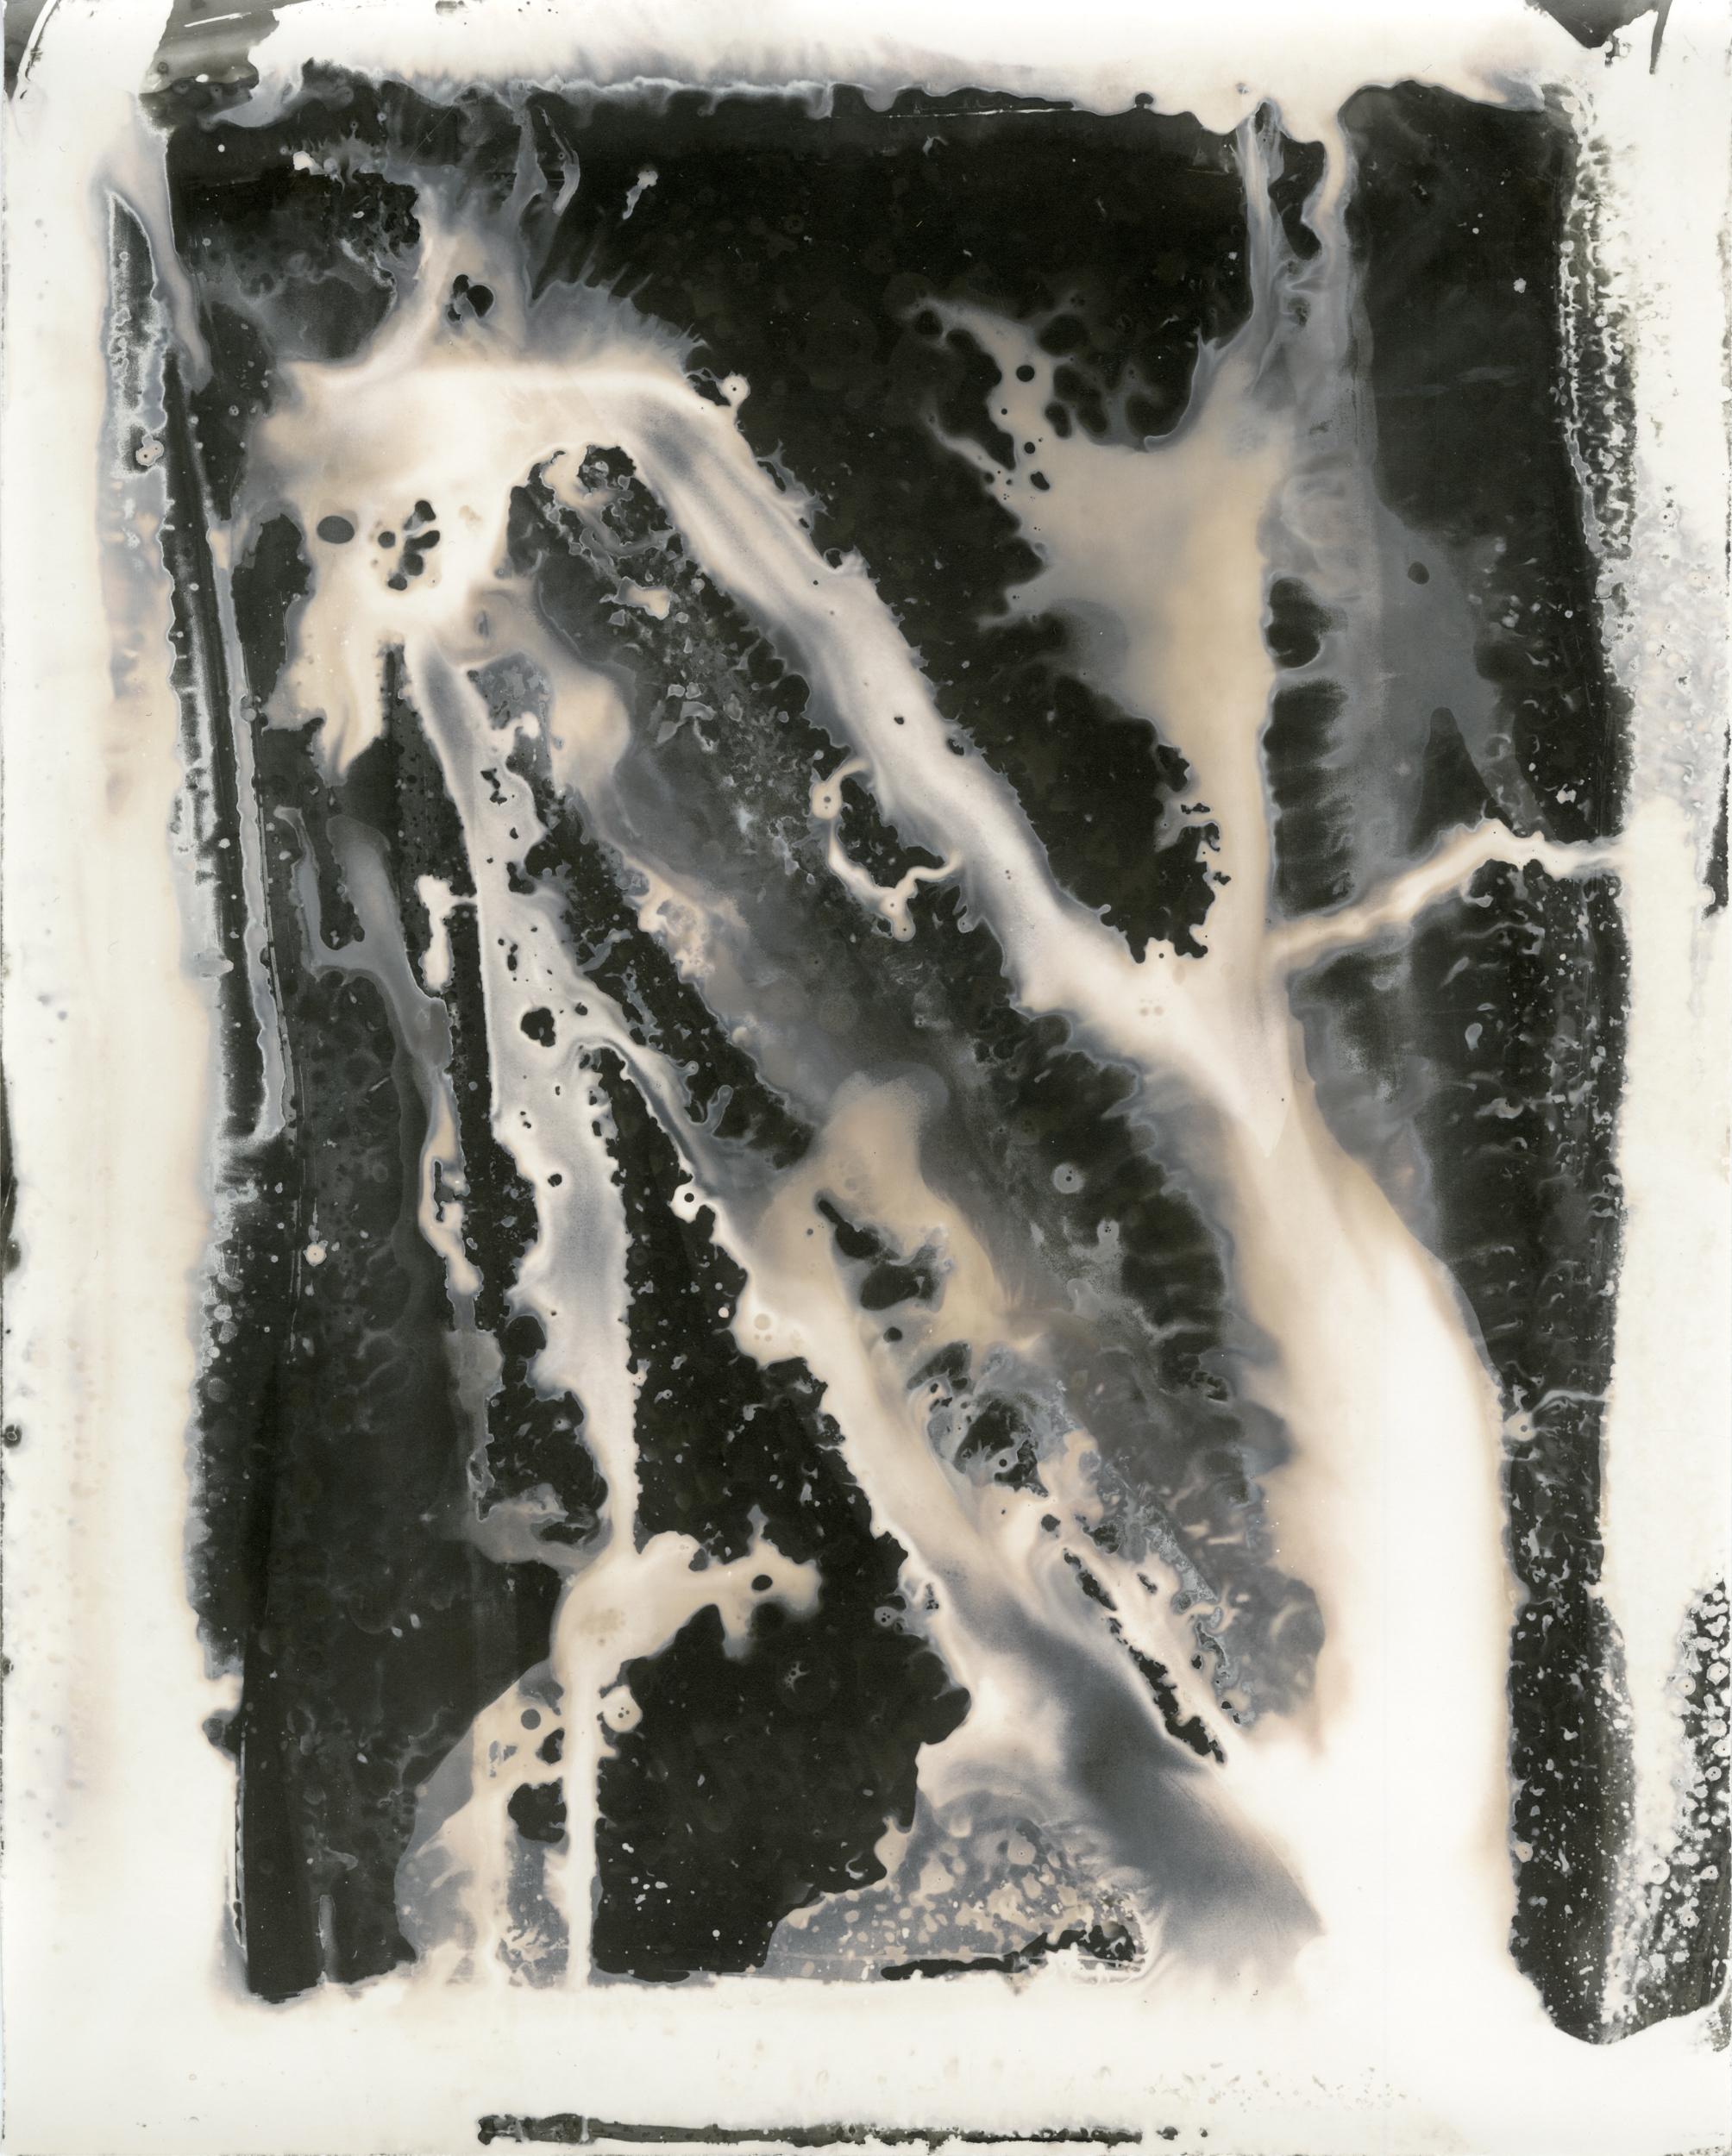 Chemigram #1 (N)